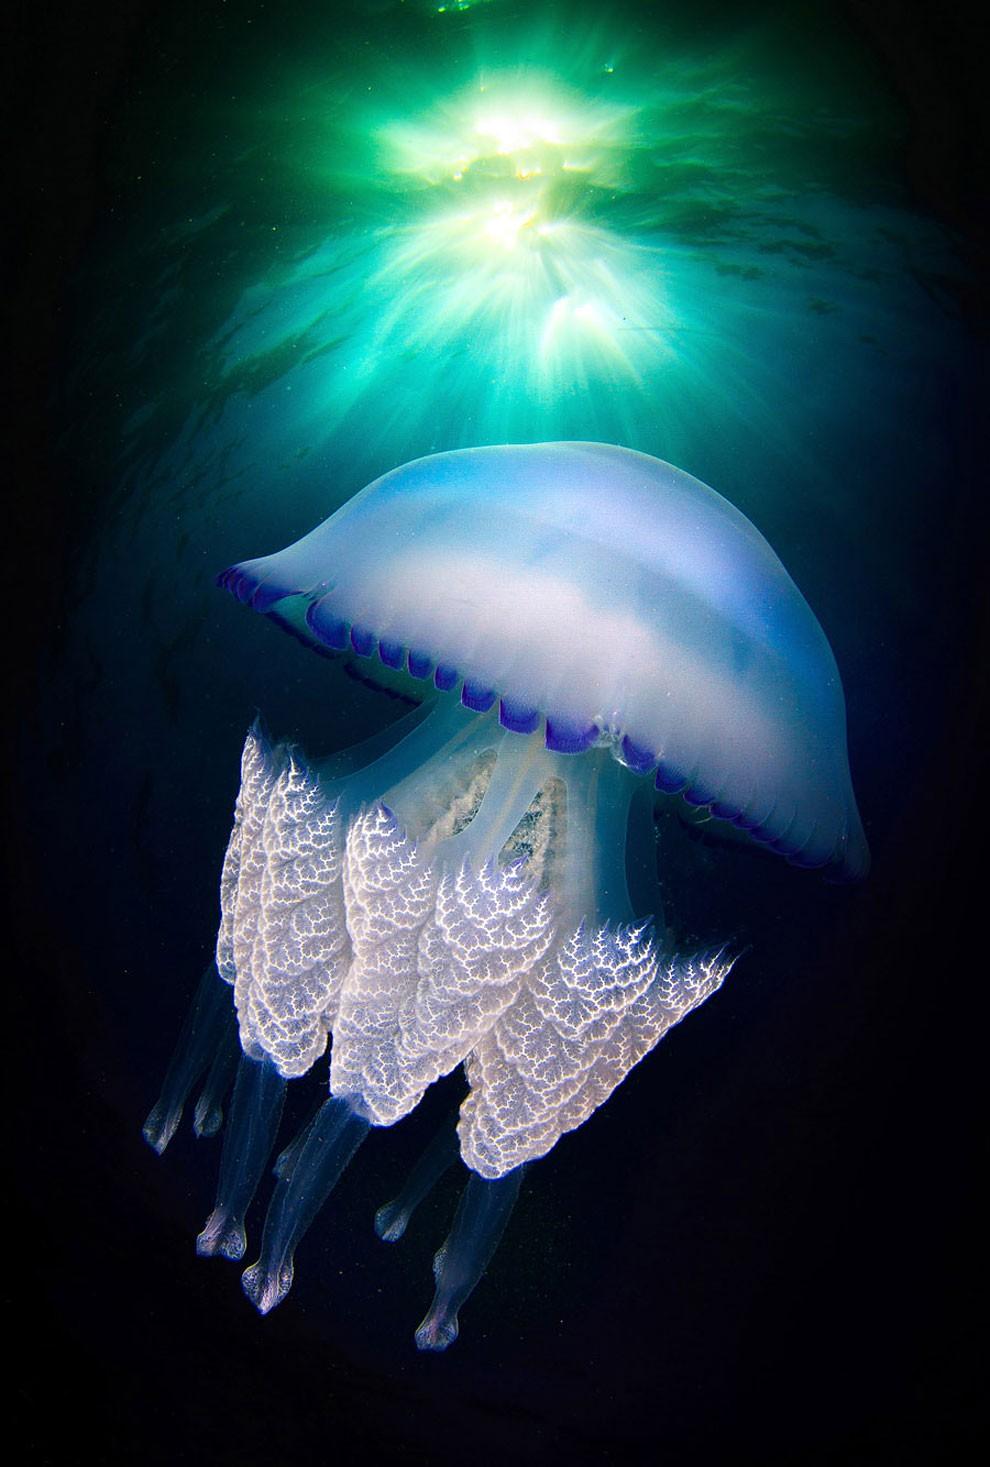 fotografia-subacquea-meduse-spagna-jordi-benitez-castells-12